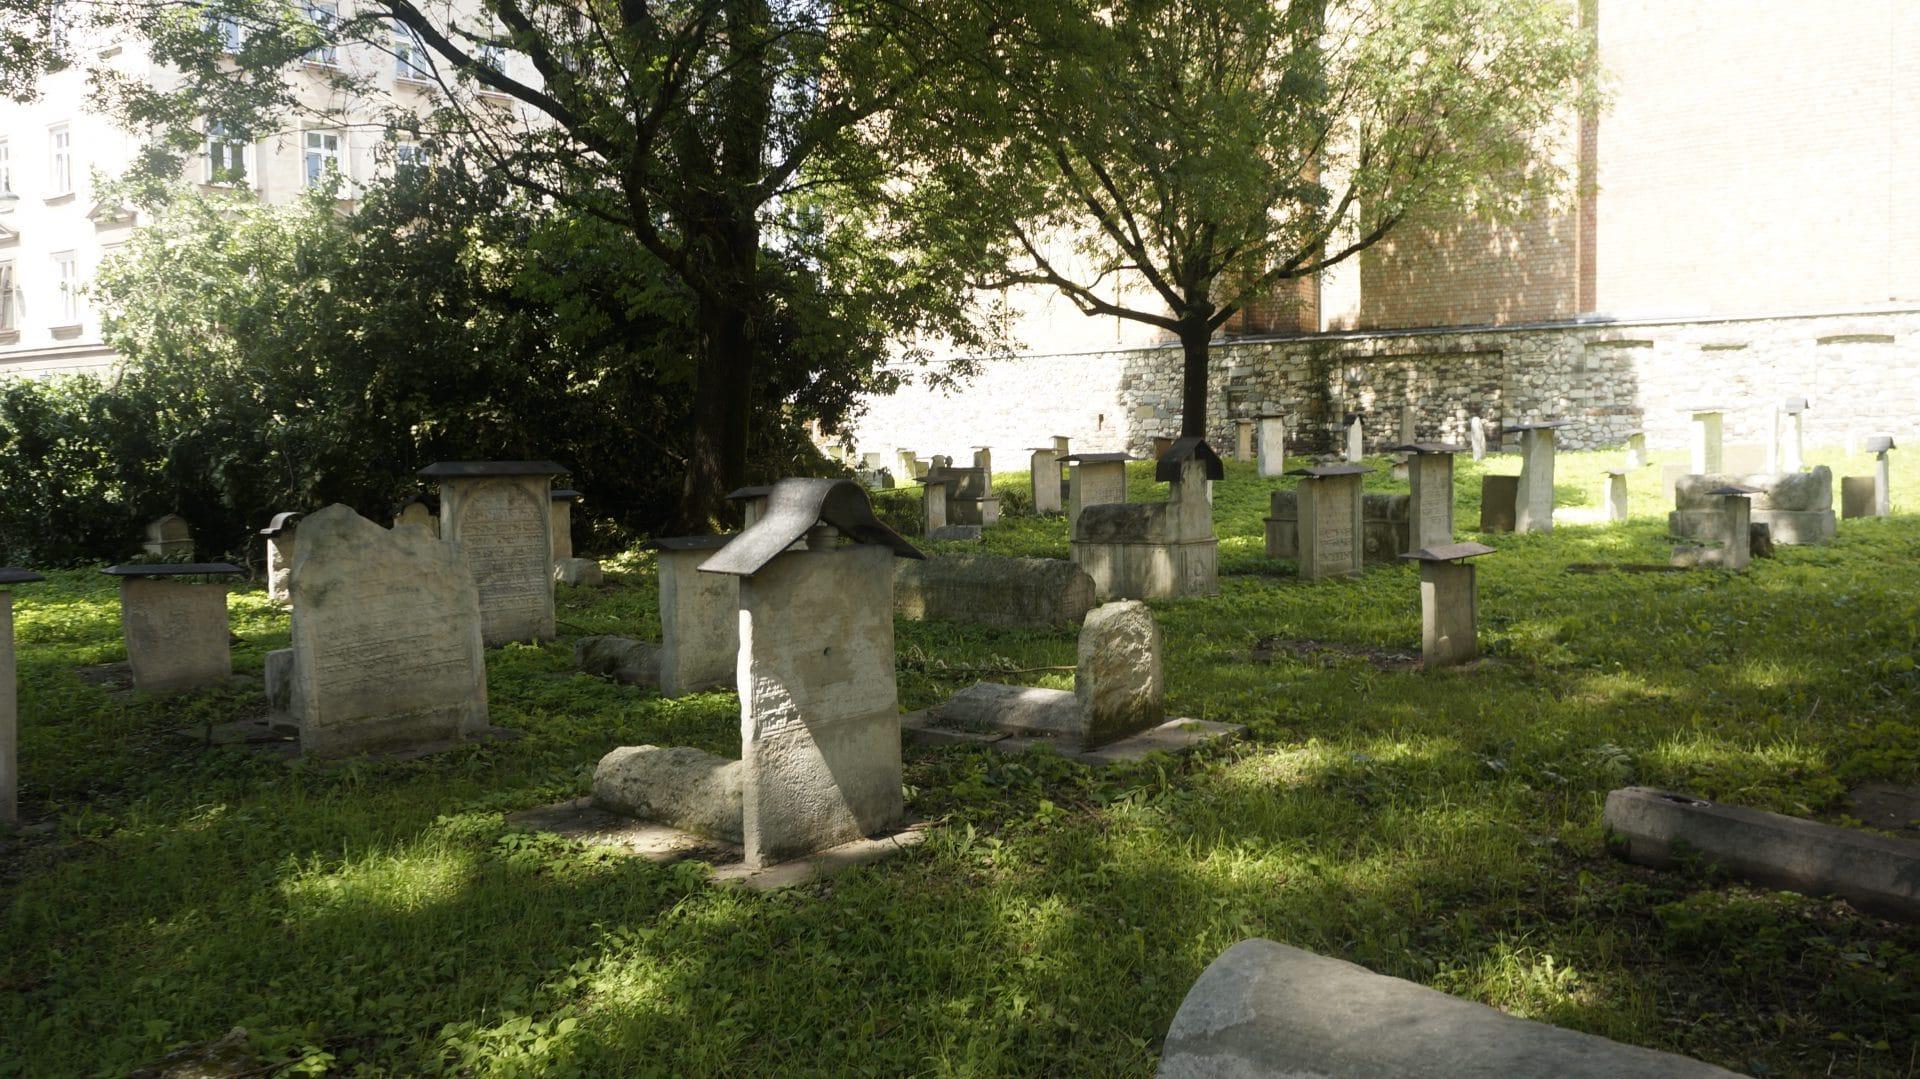 Między ulicami Jakuba i Szeroką skrywa się jeden z najstarszych cmentarzy żydowskich w Europie - cmentarz Remuh. To jedna z symboli, który przypomina o świecie, którego już nie ma.